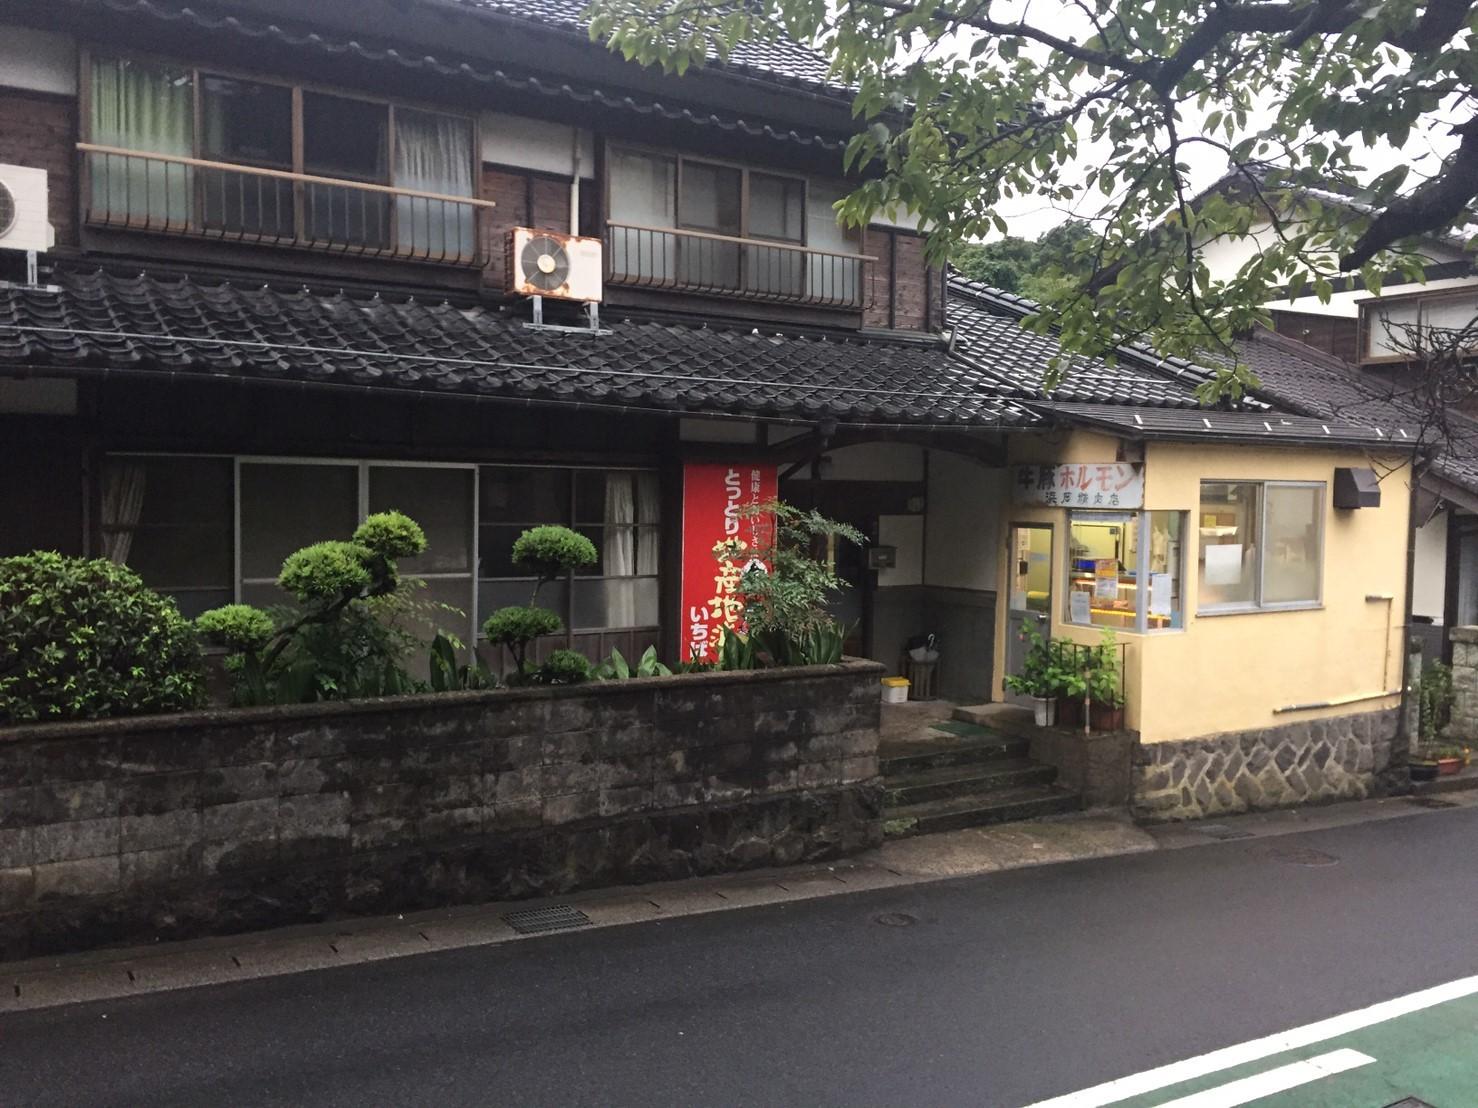 浜岡精肉店 泊の牛豚ホルモン_e0115904_01204629.jpg